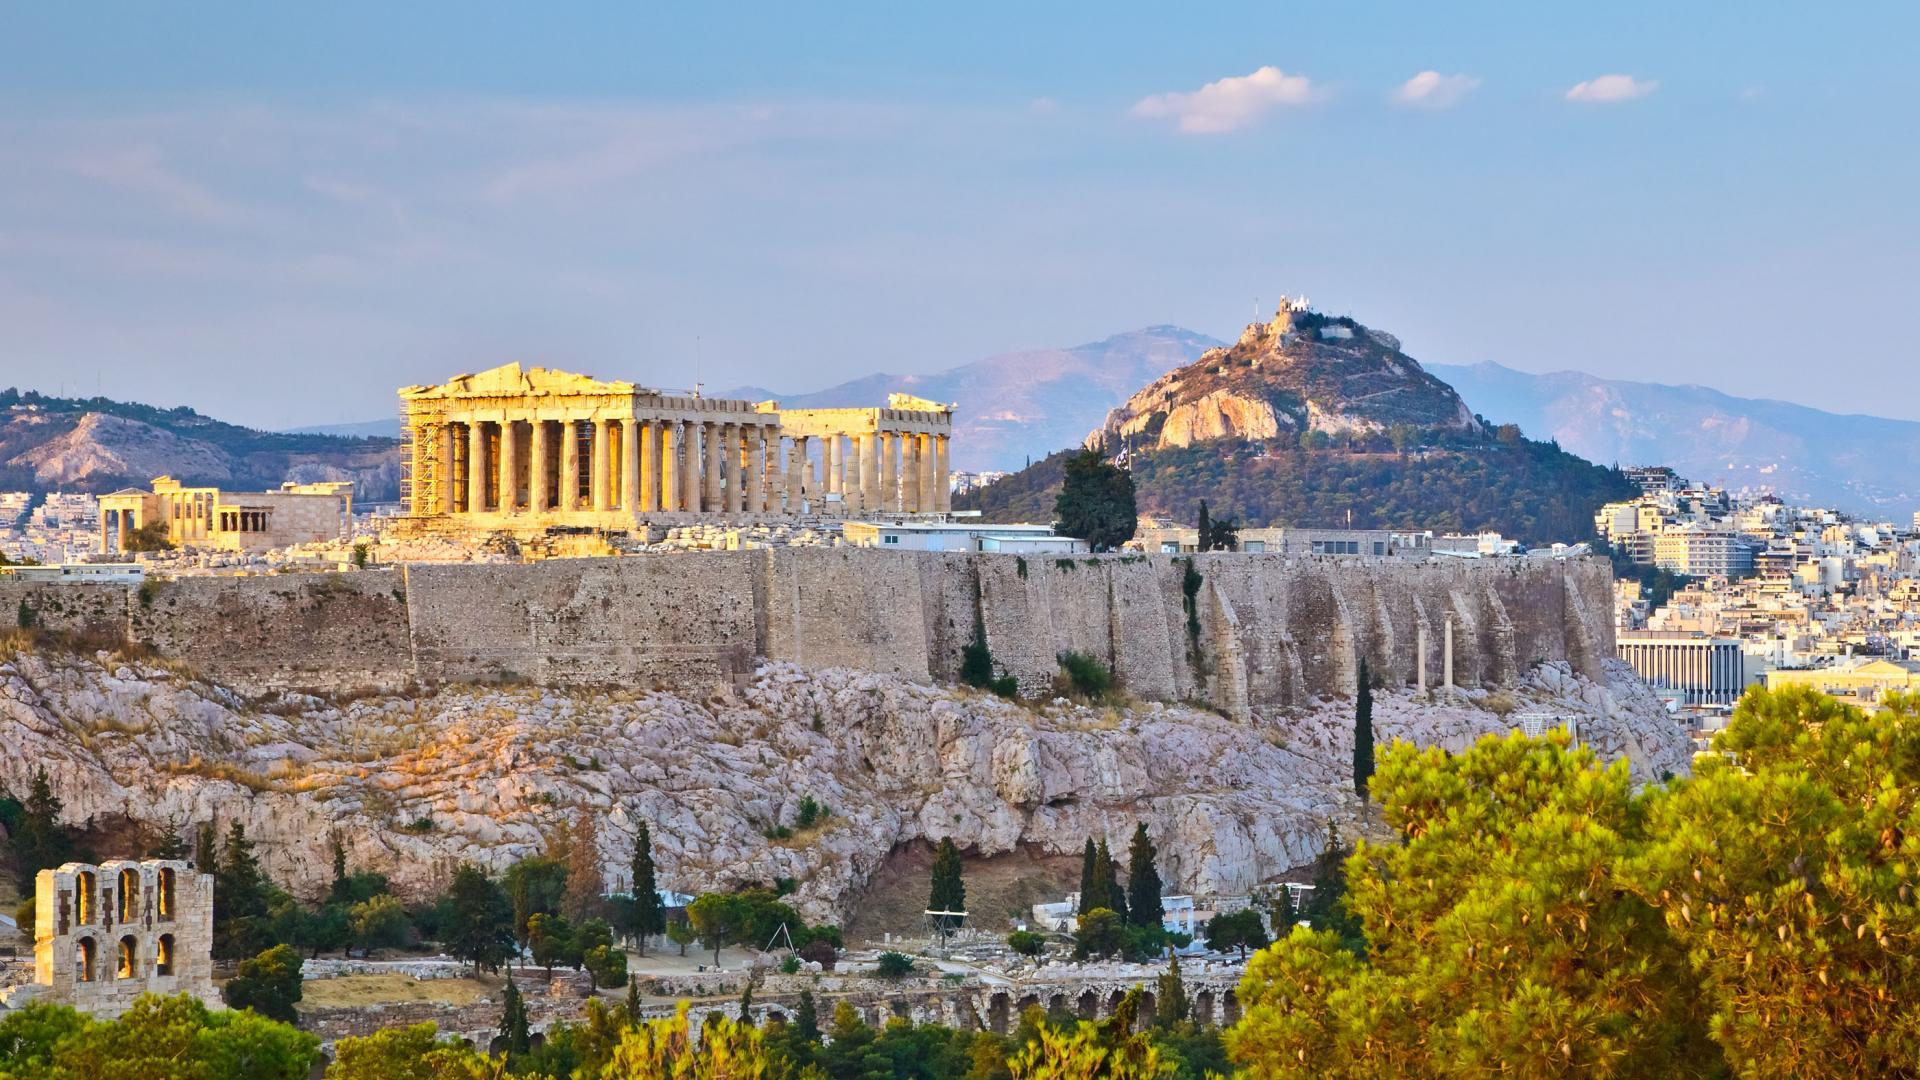 GRČKA ATINA AVIONOM PONUDA JESENJA PUTOVANJA PONUDA